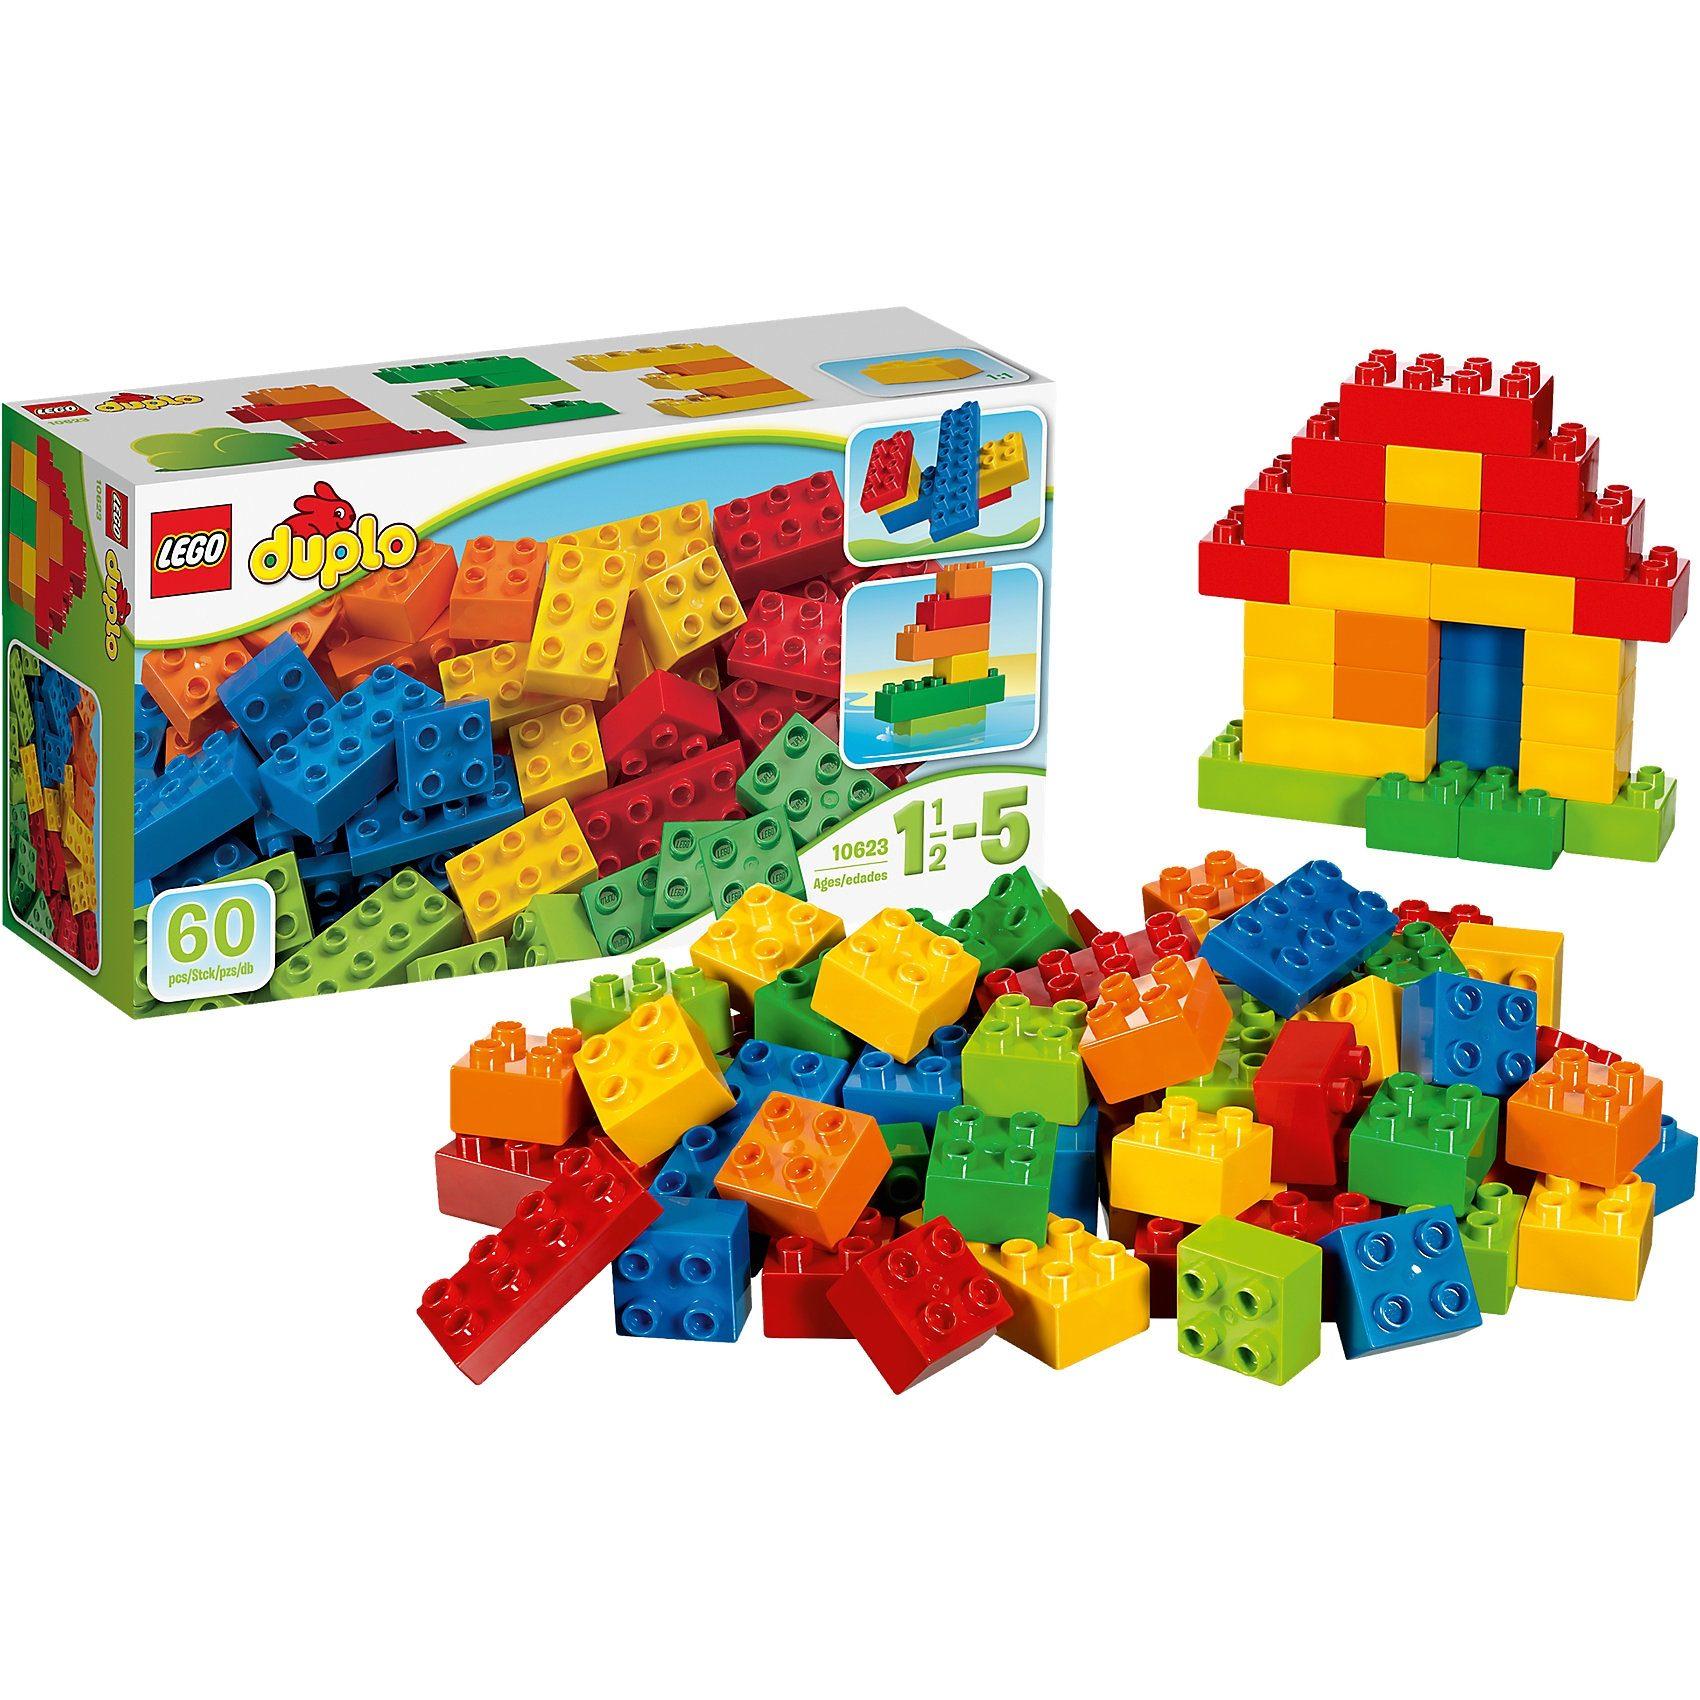 LEGO 10623 DUPLO Grundbausteine